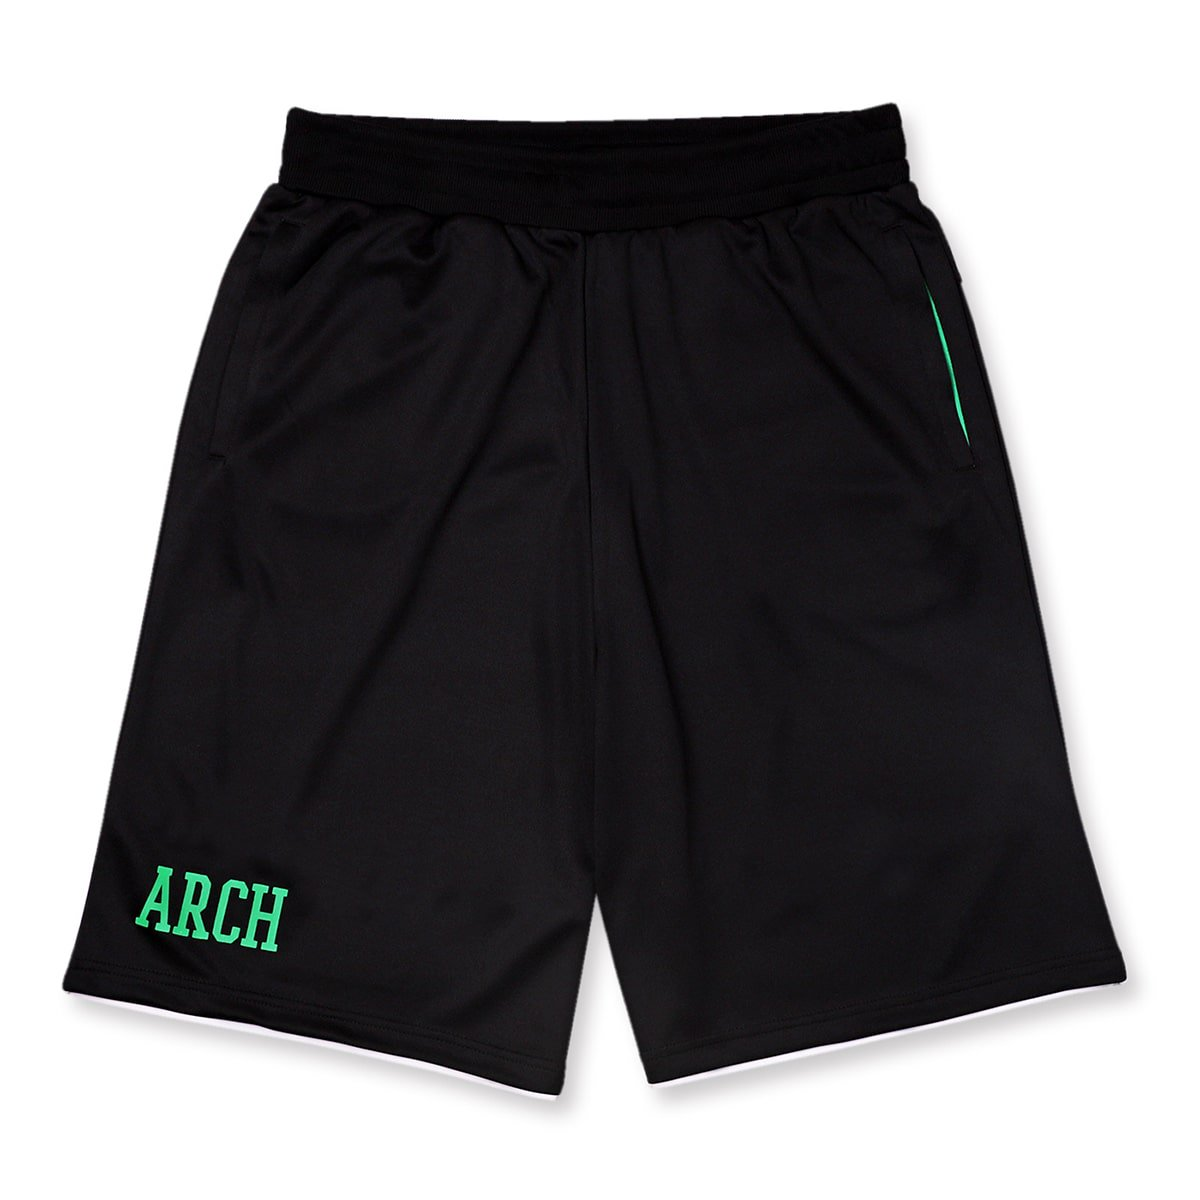 bi-color shorts【black/white】